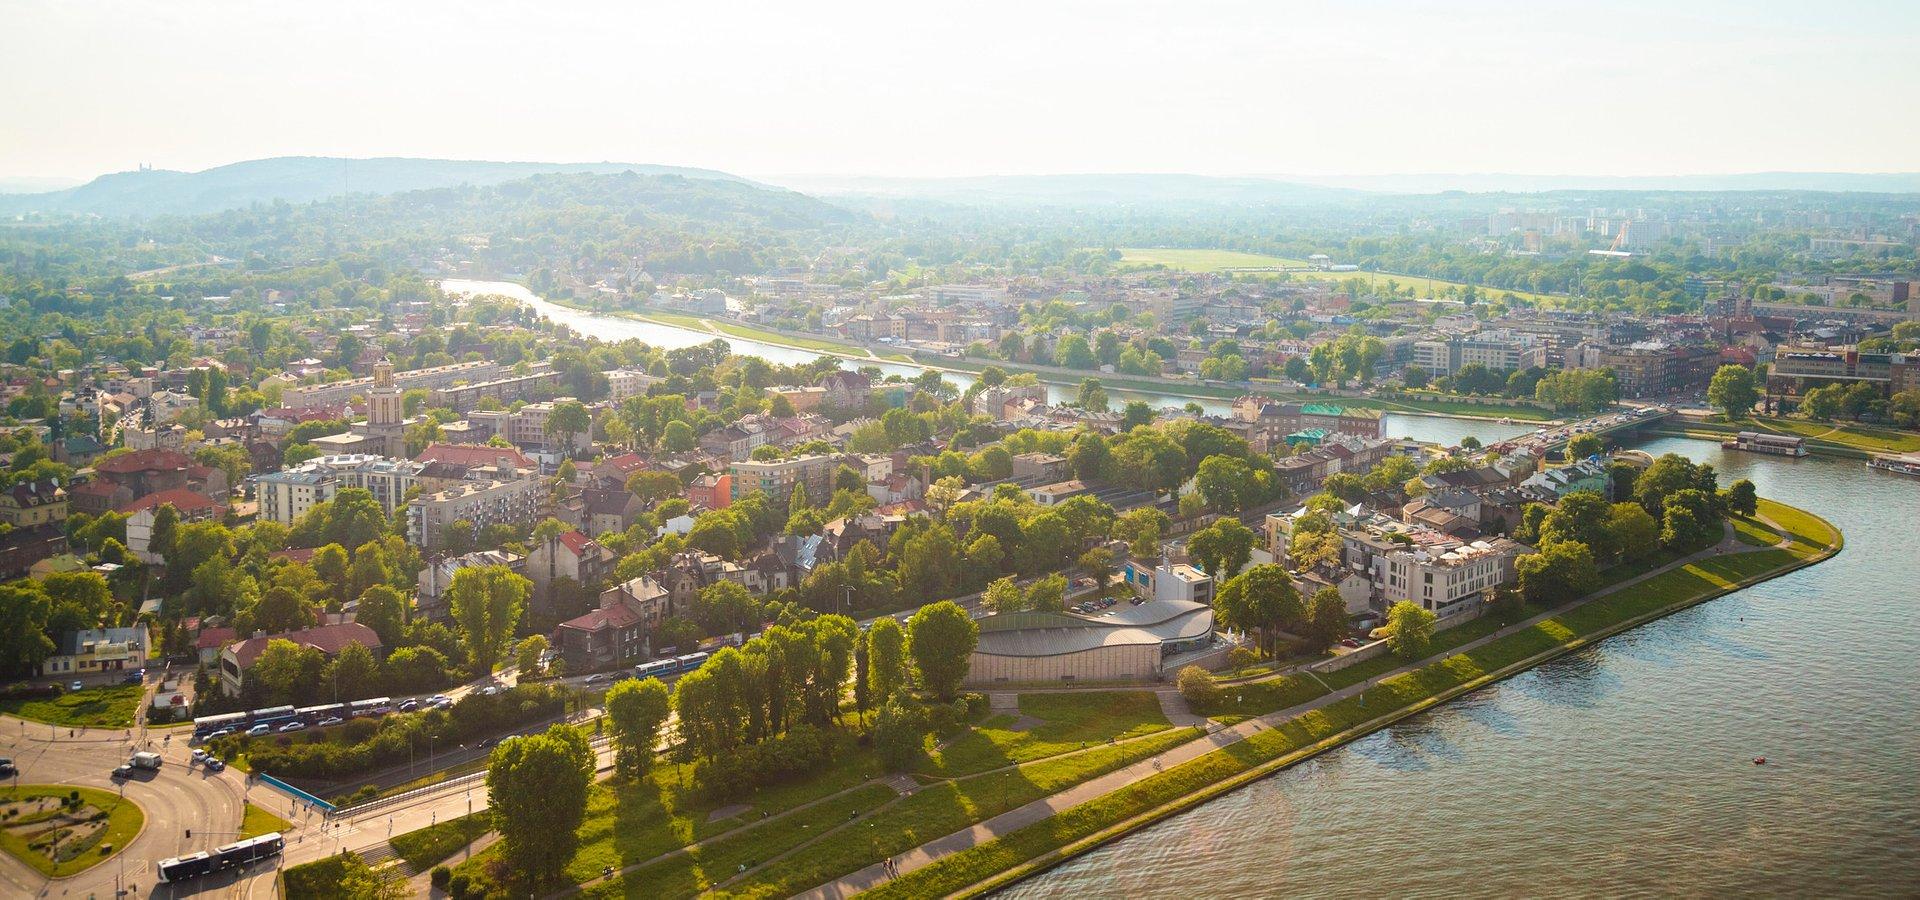 Małopolska: kolejne rozwiązana z Tarczy Antykryzysowej dla firm już dostępne